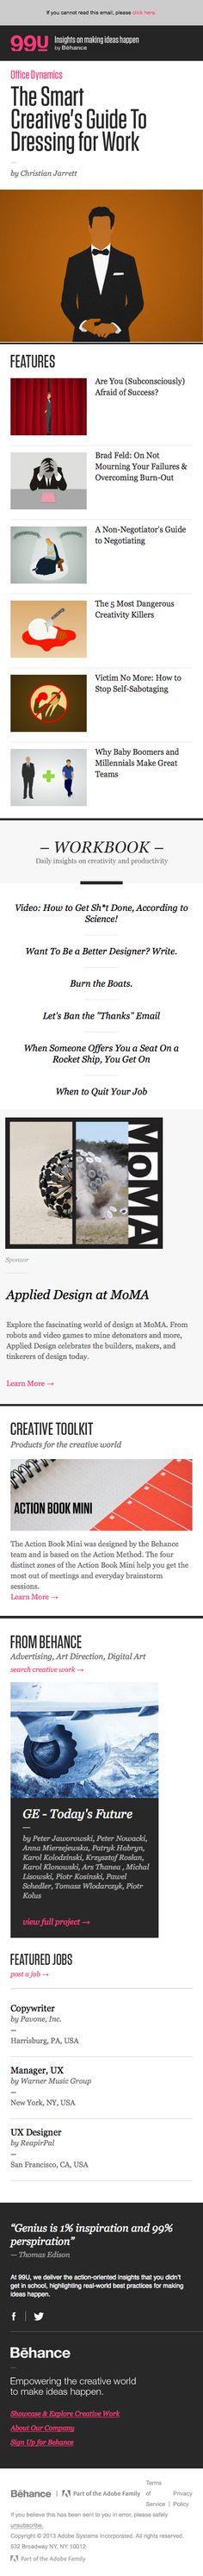 Behance responsive email newsletter design for mobile